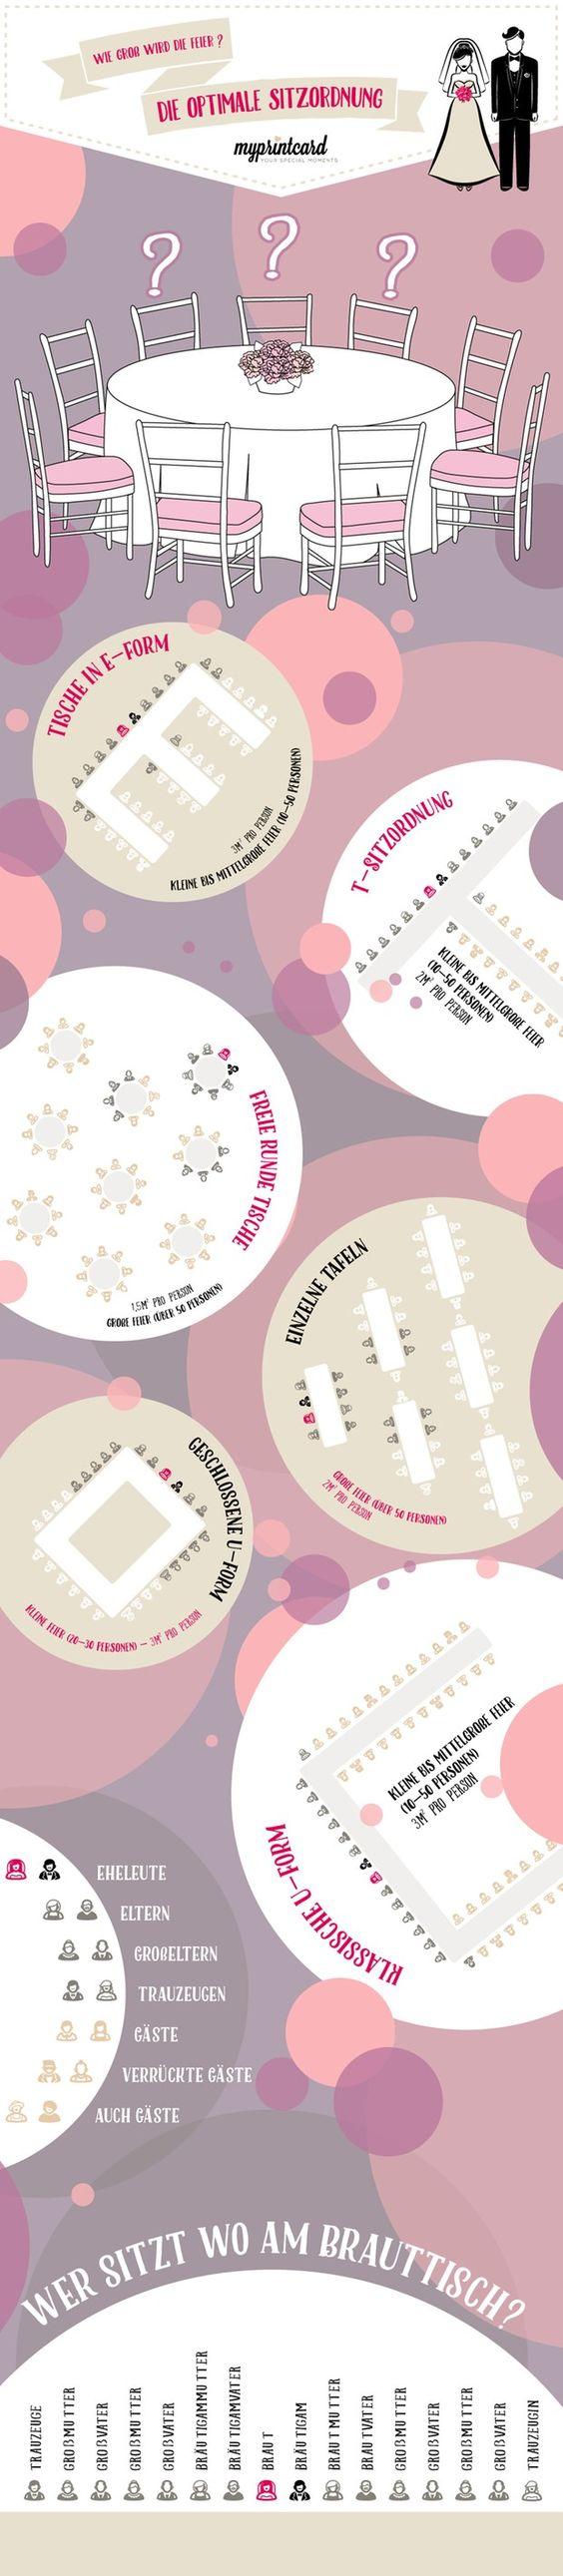 Infografik für die optimale Sitzordnung auf einer Hochzeit - Die optimale Sitzordnung für eine Hochzeit - Unsere Infografik verrät wie es geht! Dazu gibt's wertvolle Tipps rund um Tischform und Co.